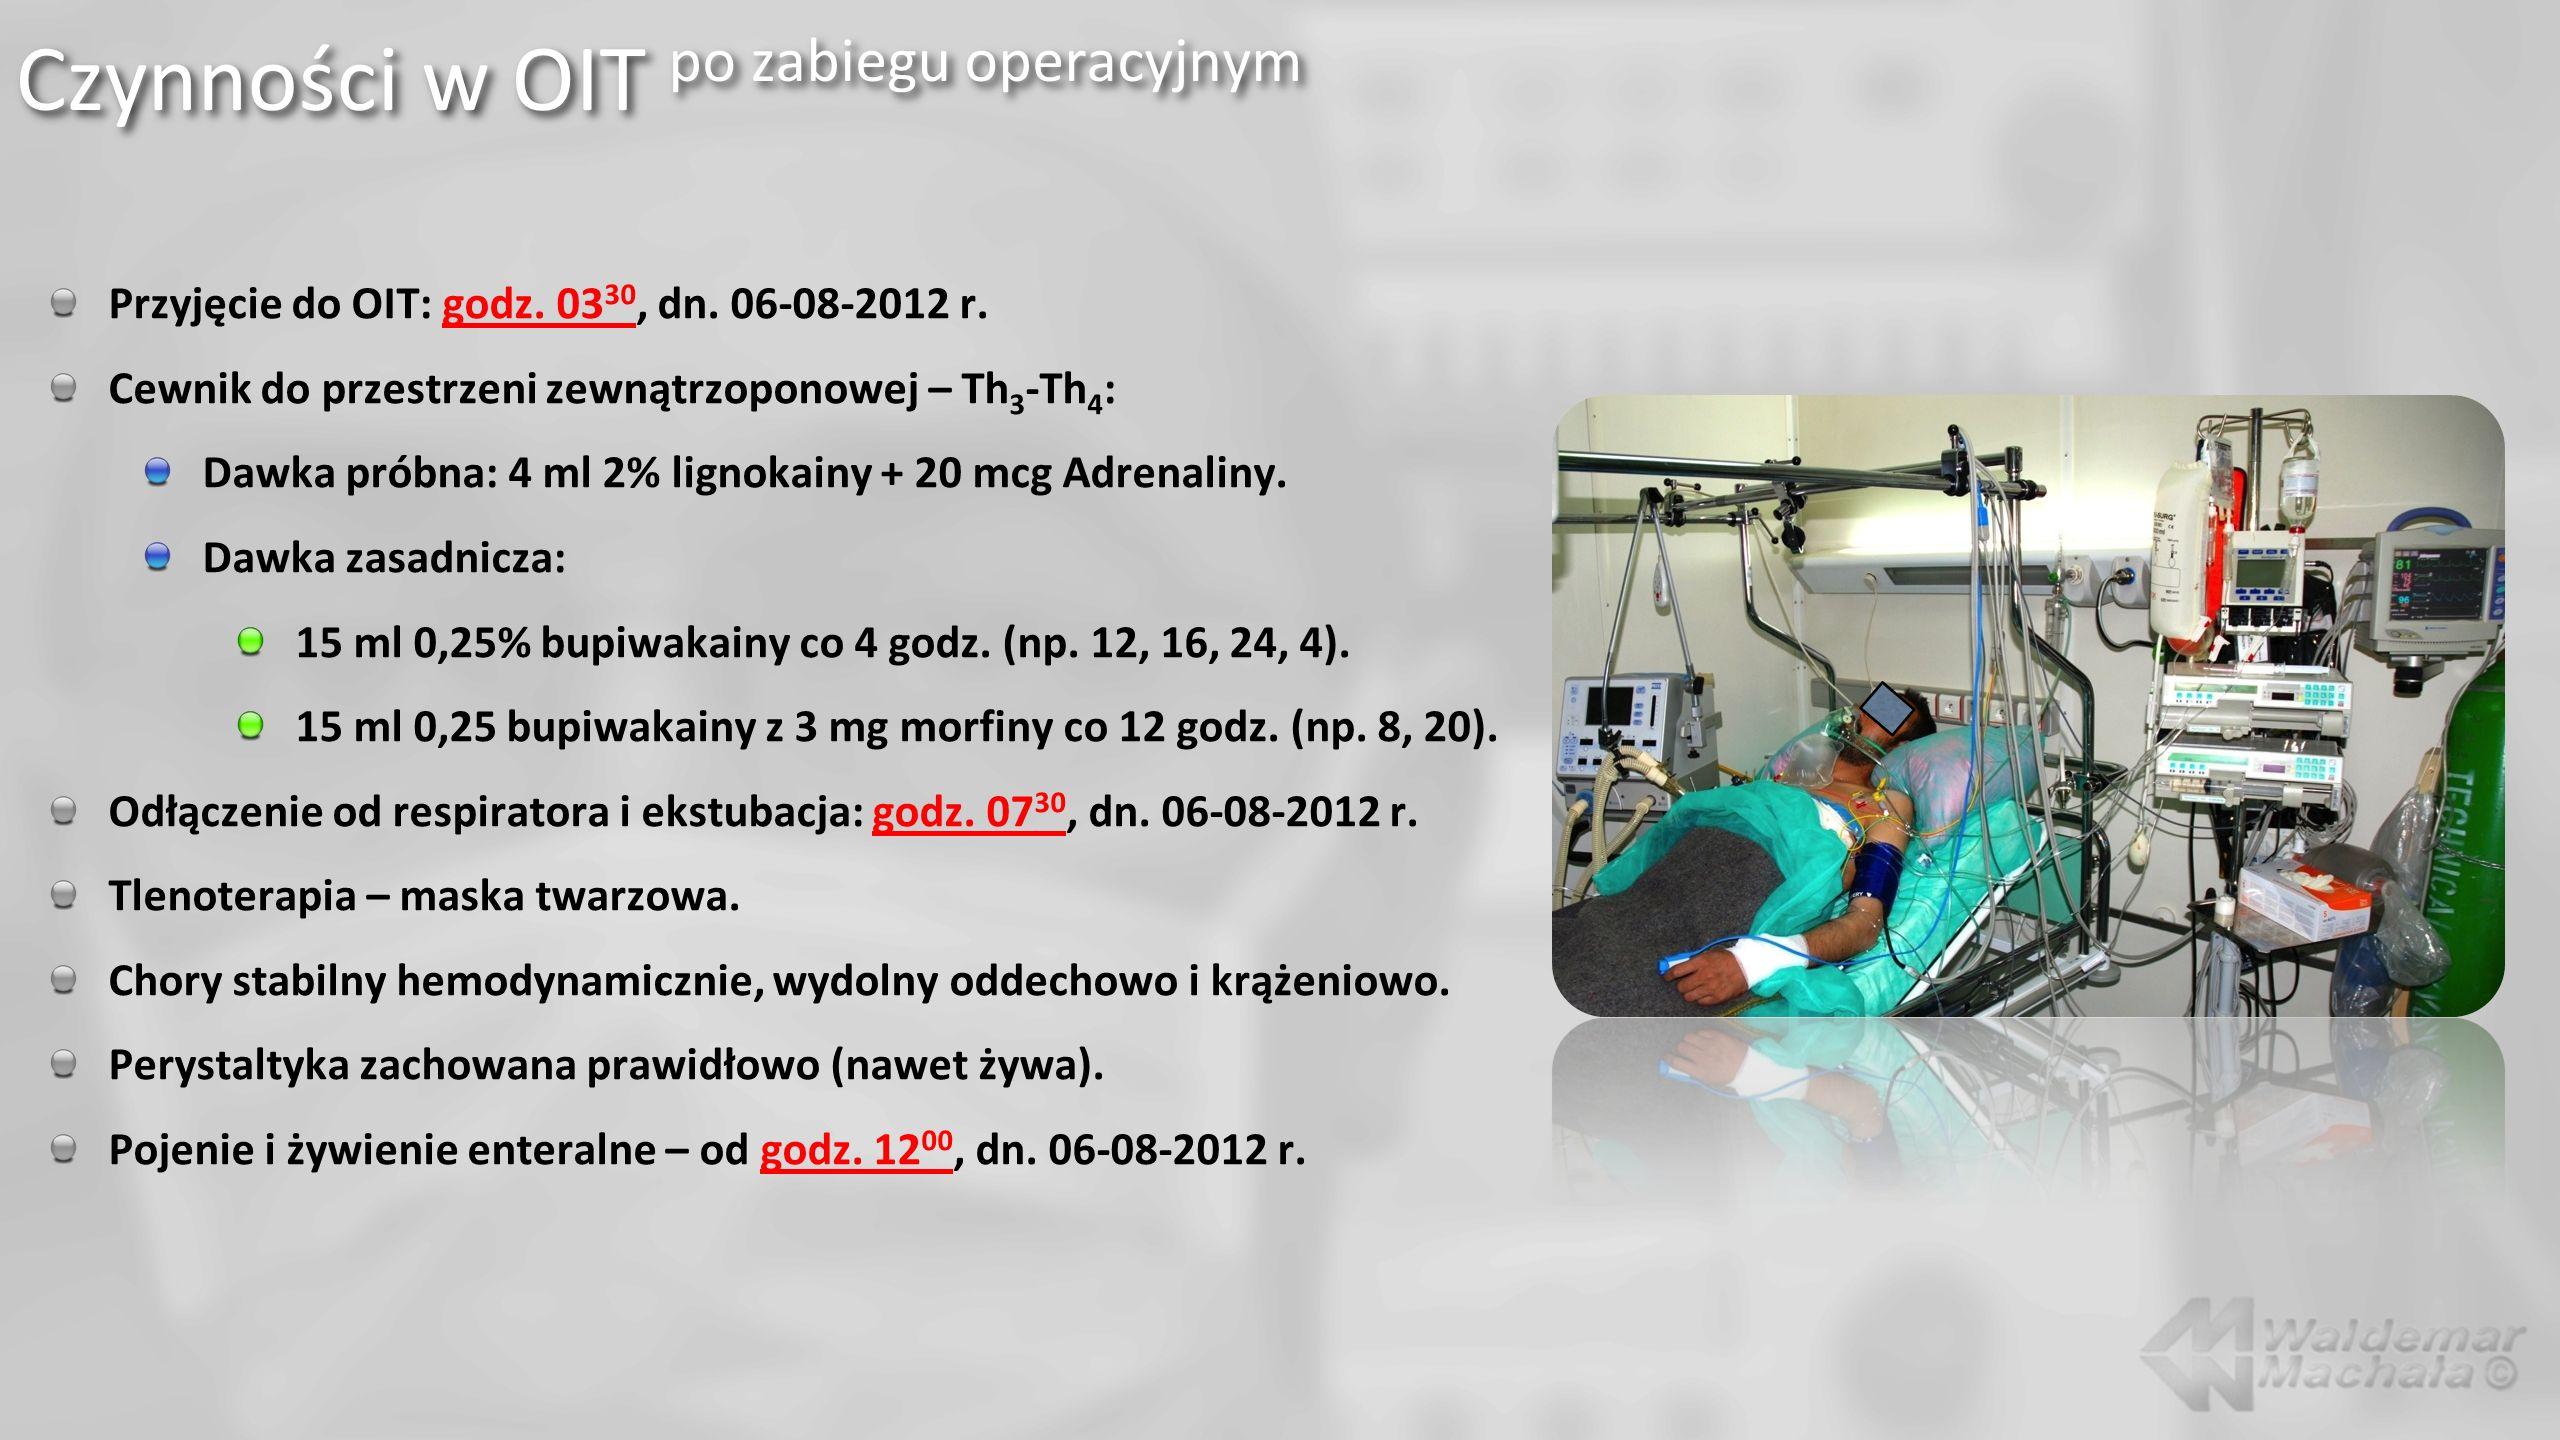 Czynności w OIT po zabiegu operacyjnym